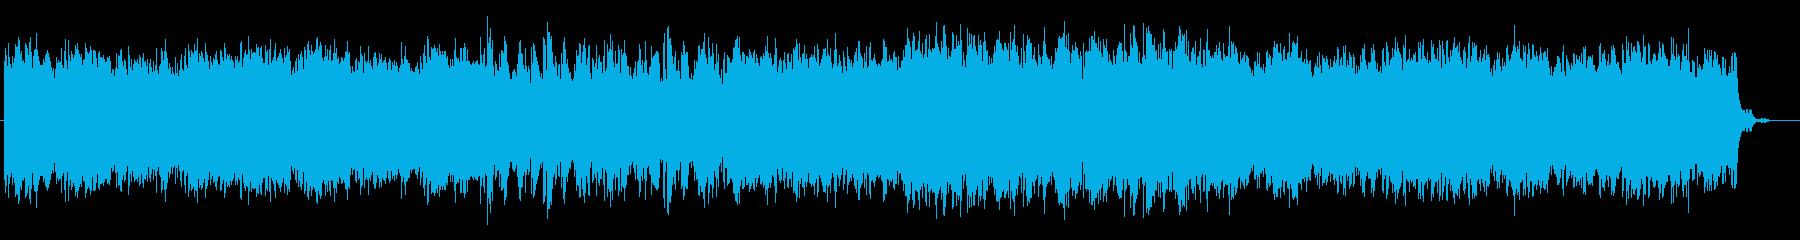 シンセサイザーによる幻想的なバラードの再生済みの波形